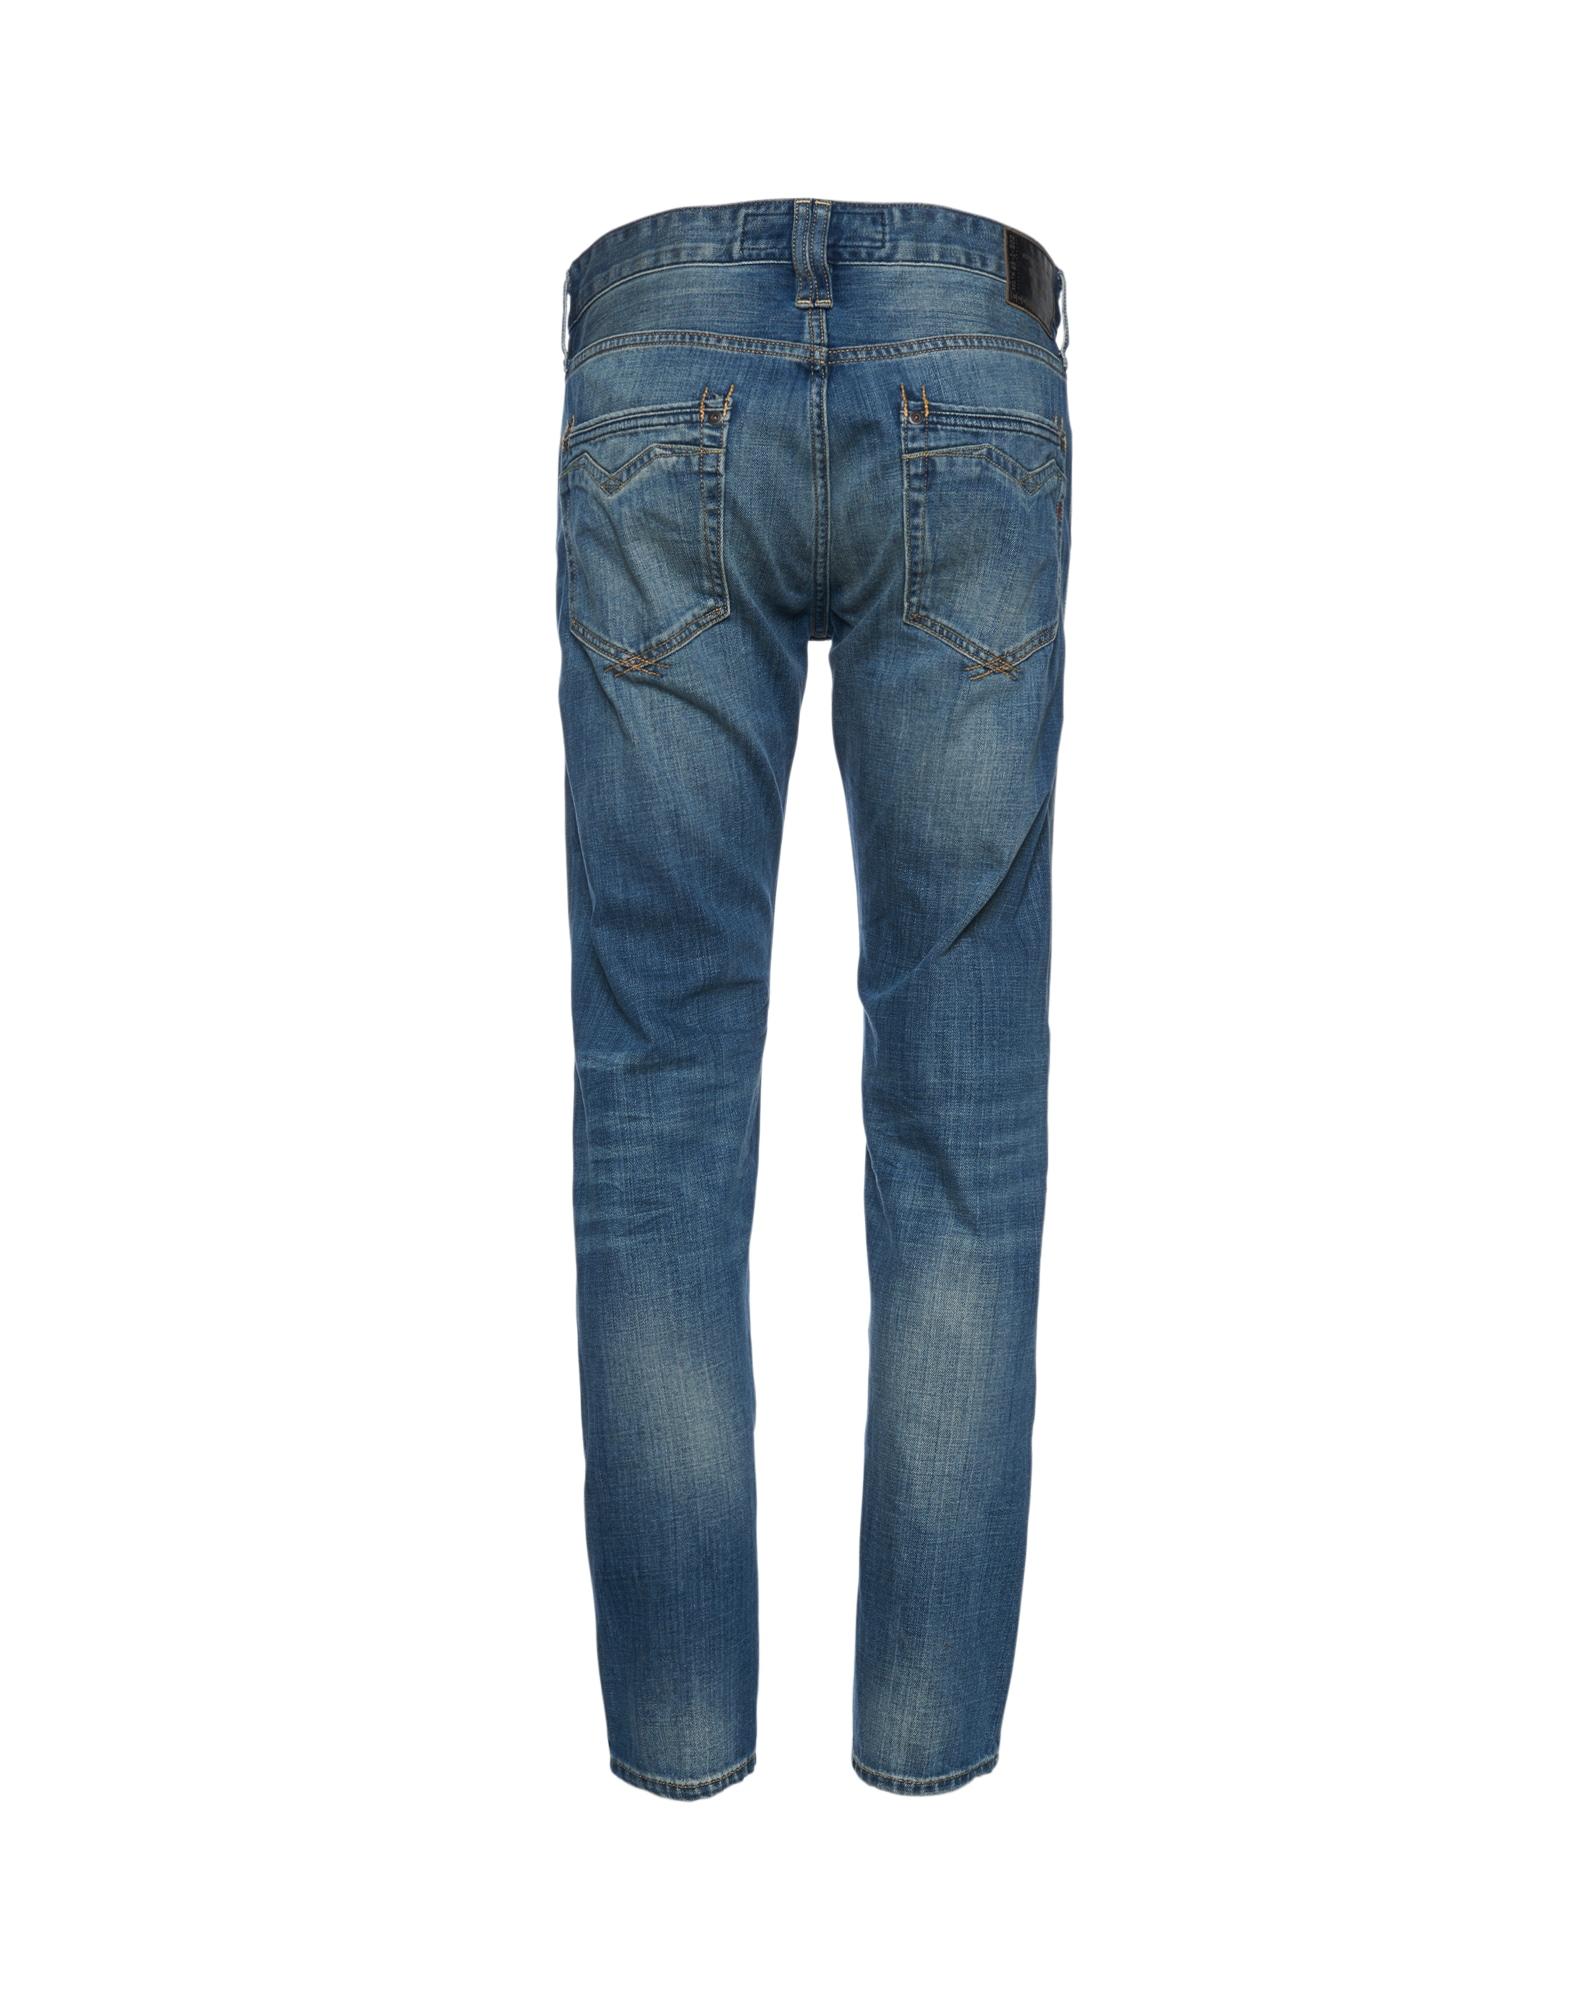 REPLAY, Heren Jeans 'Newbill', blauw denim